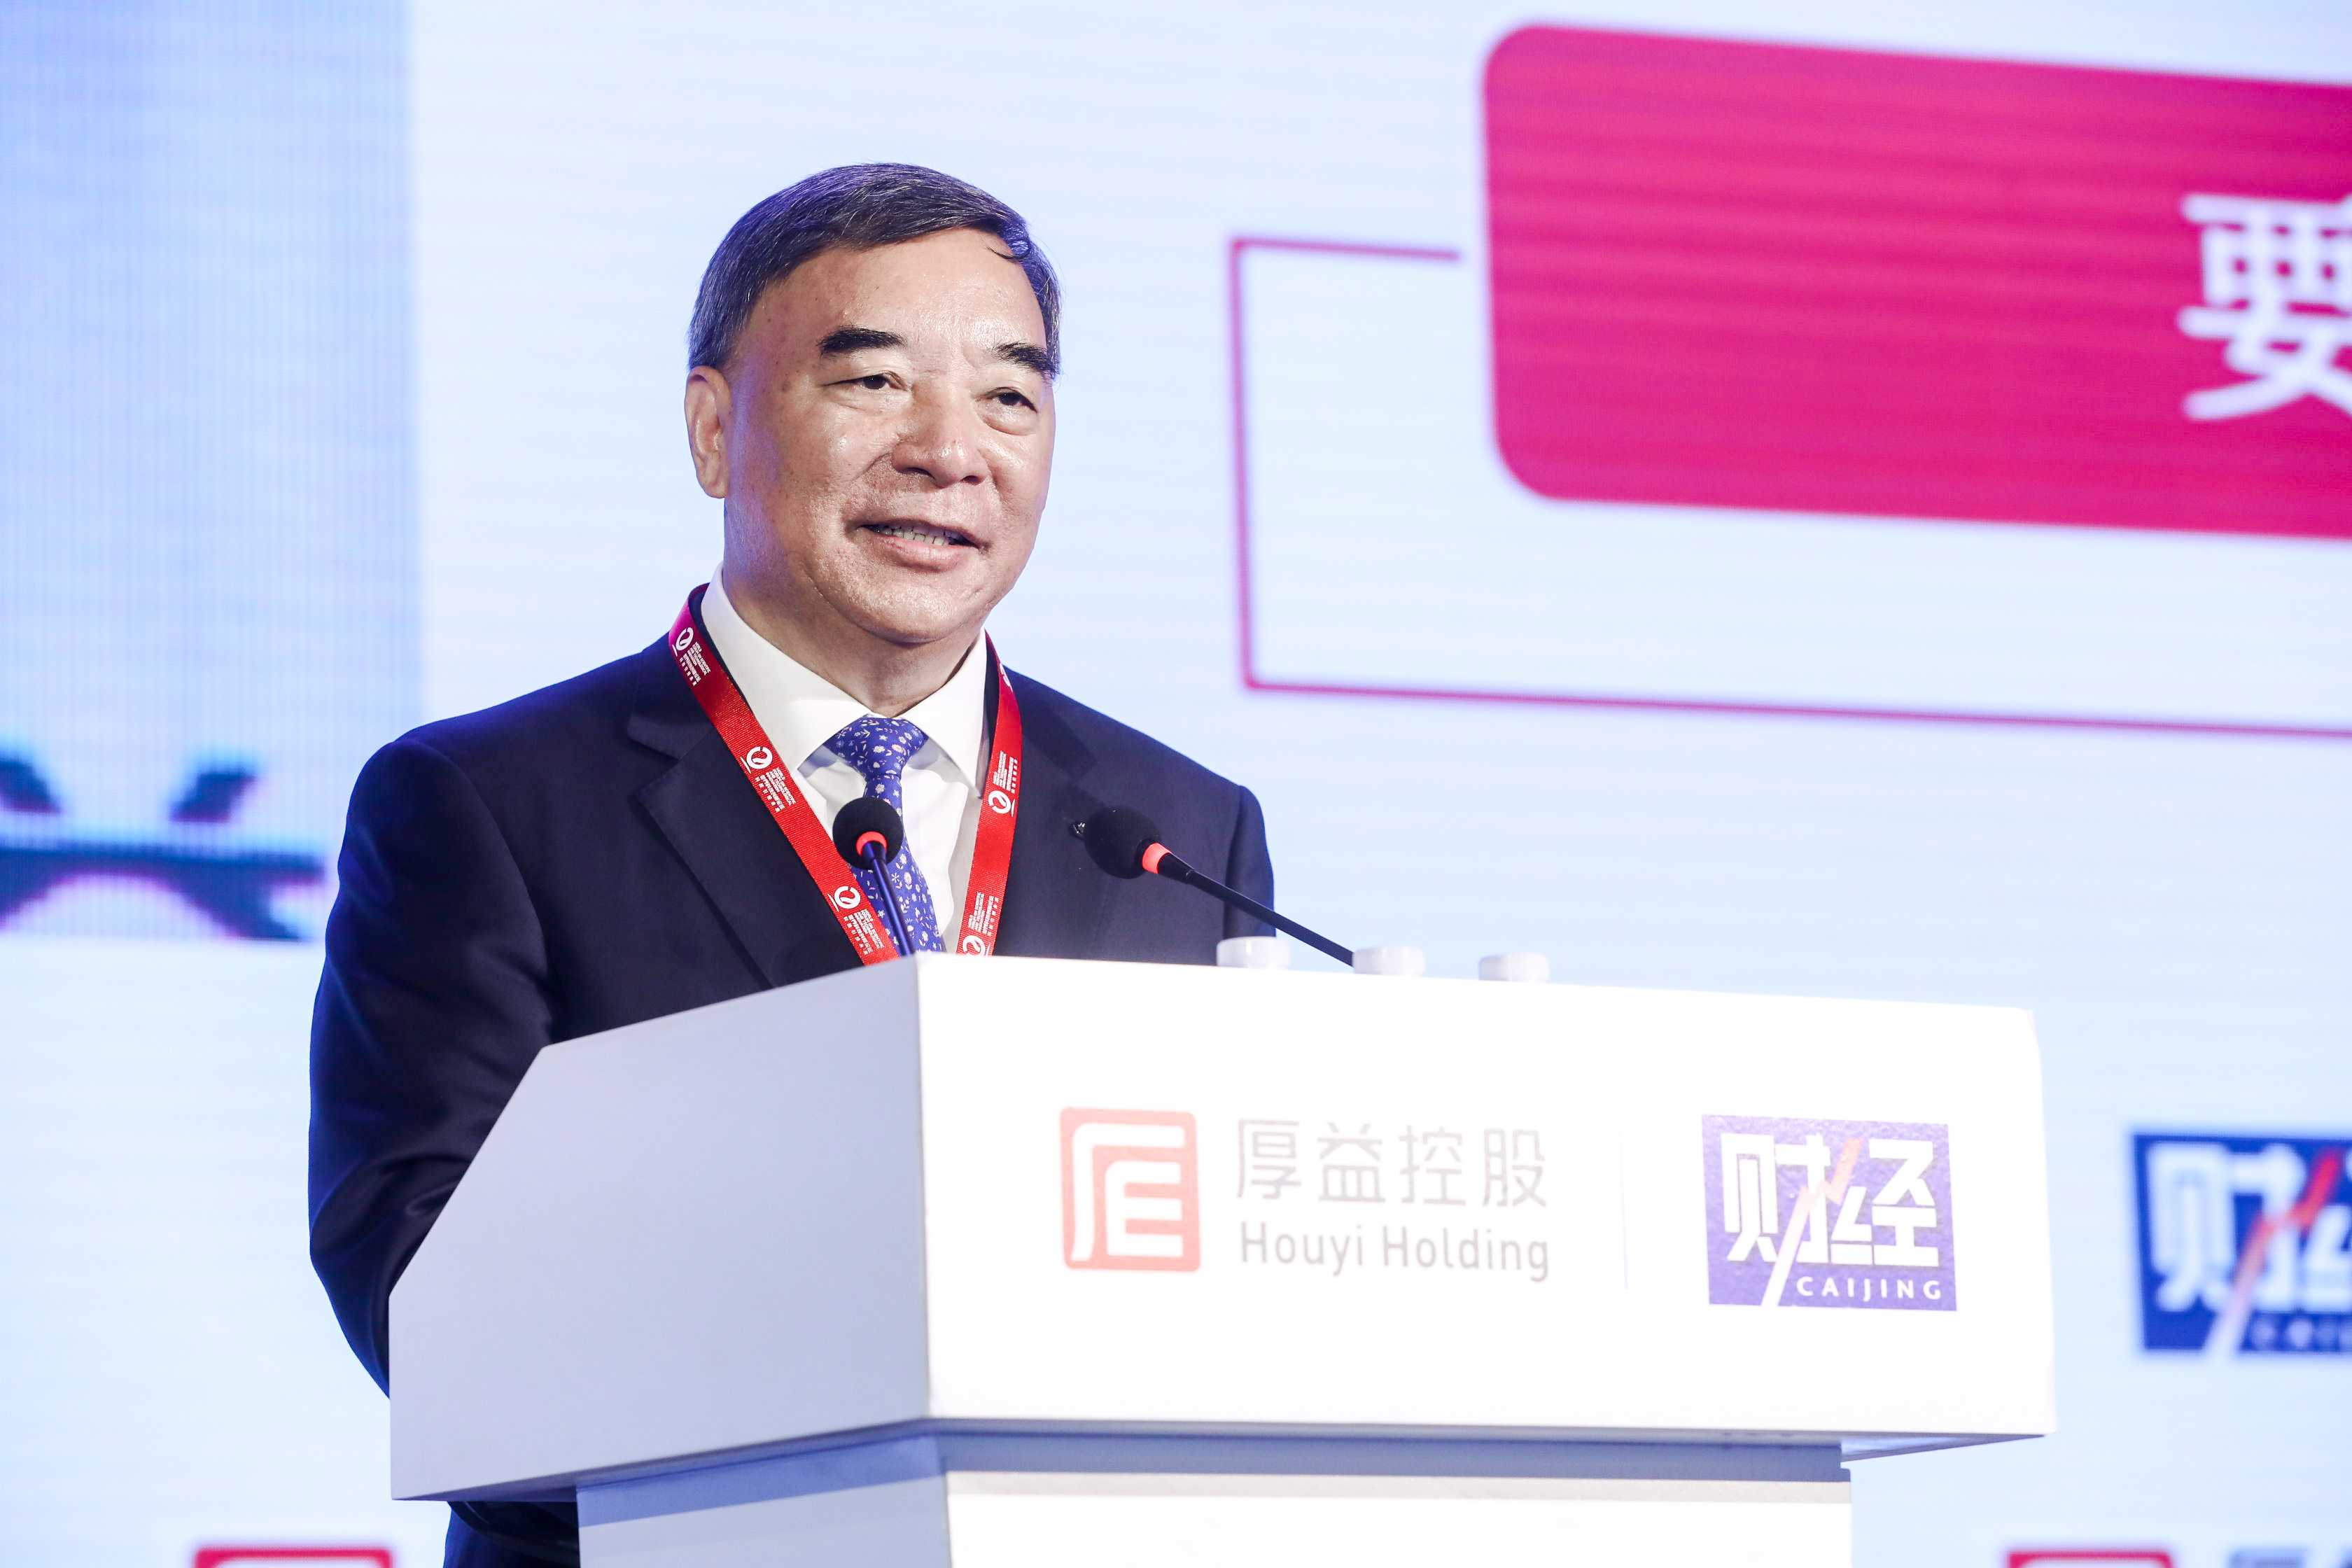 宋志平,中国建材集团有限公司董事长